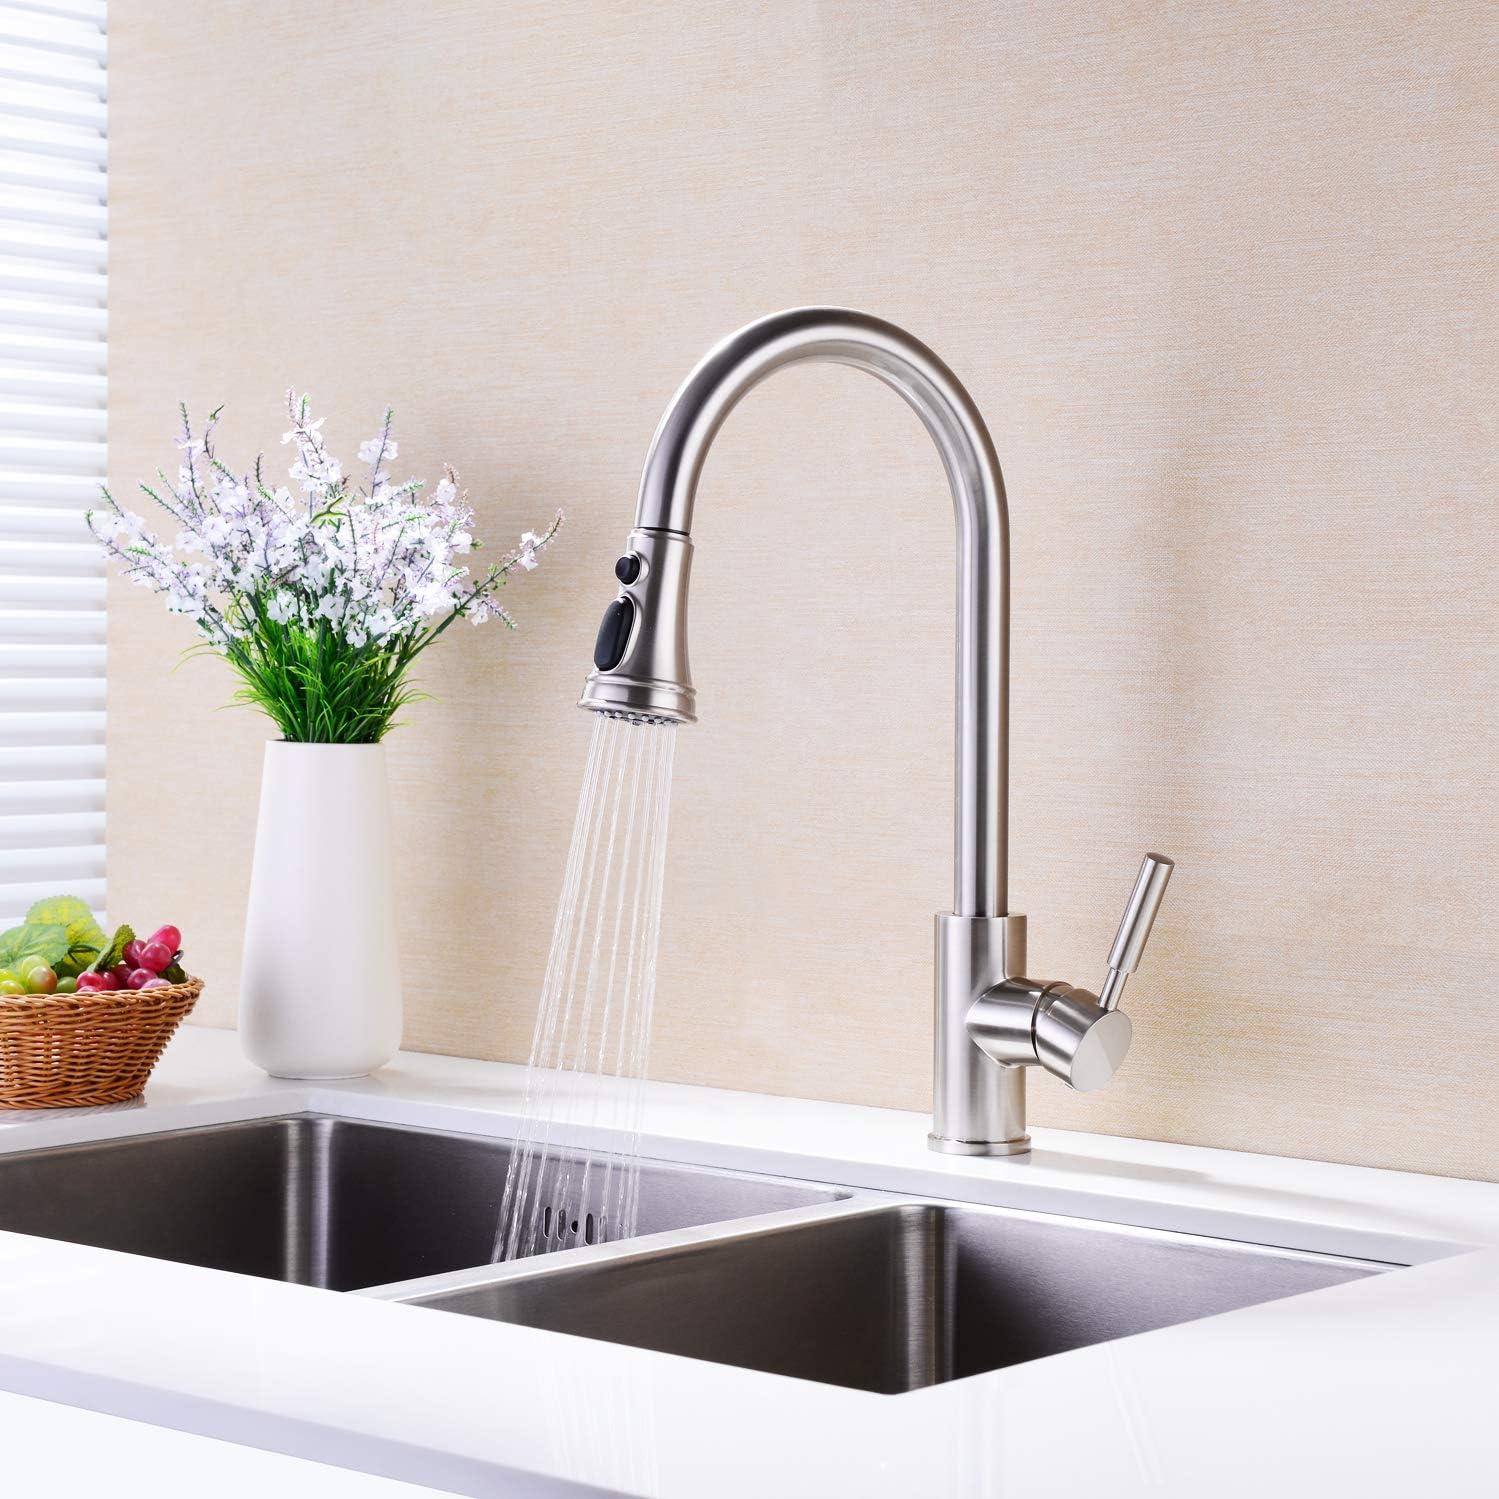 CAKIONG robinets en acier inoxydable pour /évier de cuisine /à niveau unique Robinet de cuisine /à bec r/étractable en laiton nickel/é /à monocommande /à grande arche